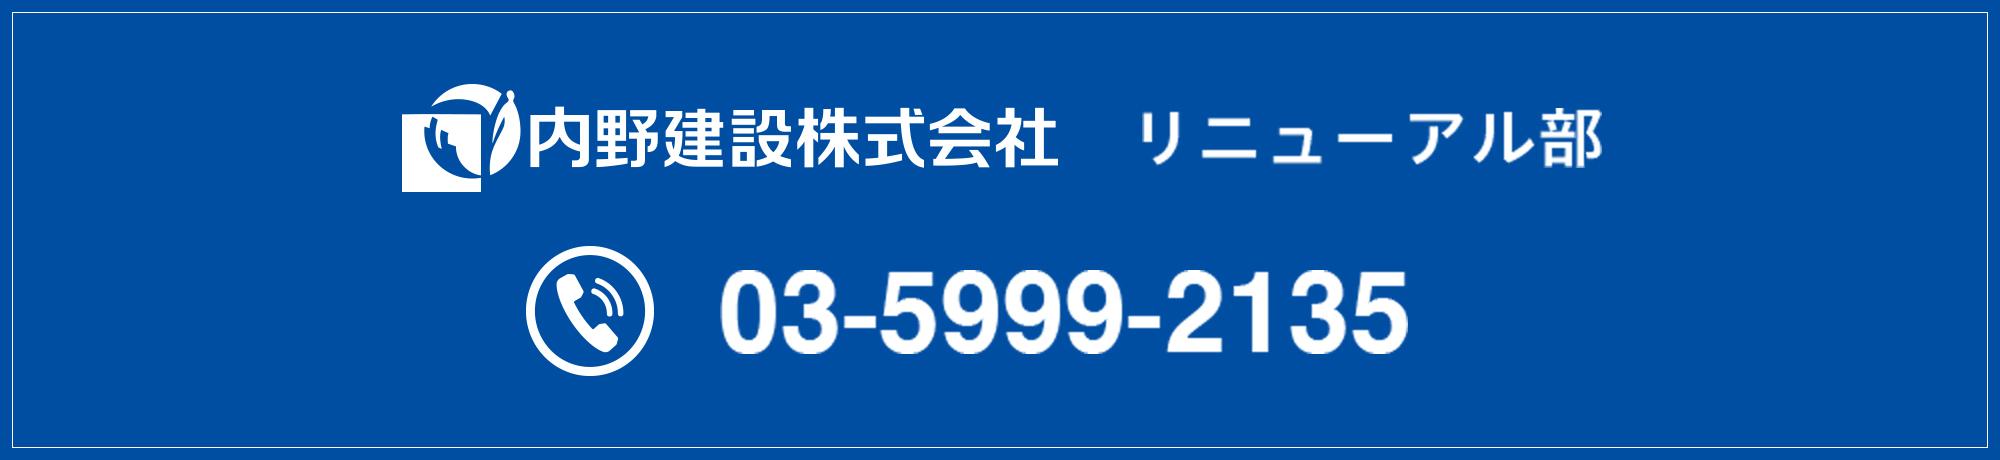 内野建設リニューアル部 0359992135